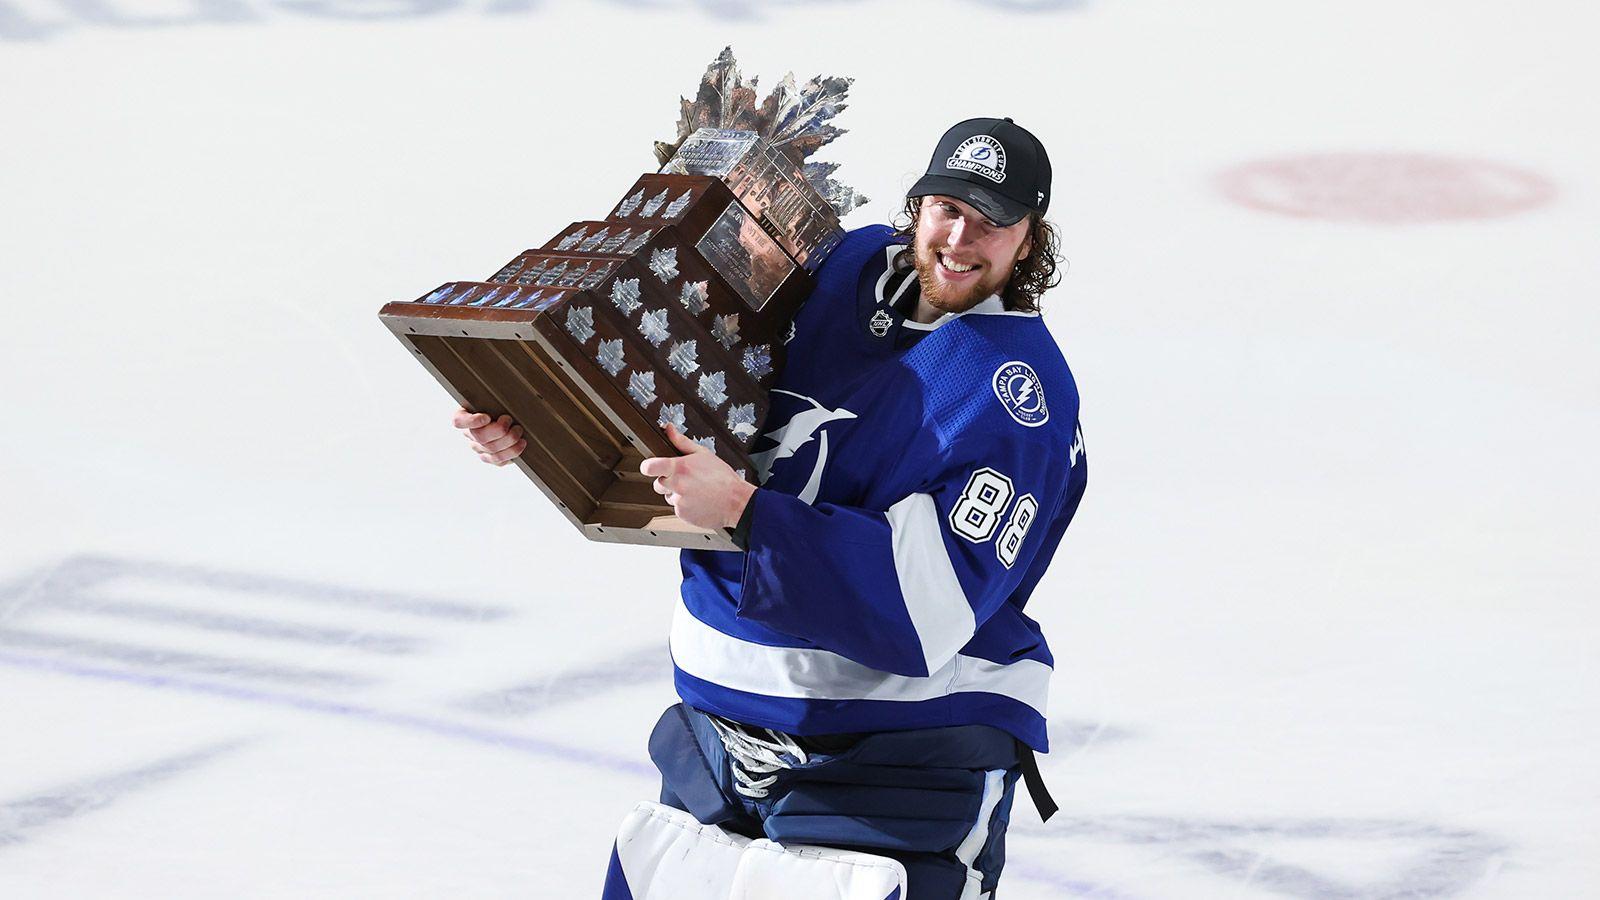 Андрей Василевский вошел в историю НХЛ. Он так же крут, как Малкин или Овечкин - фото